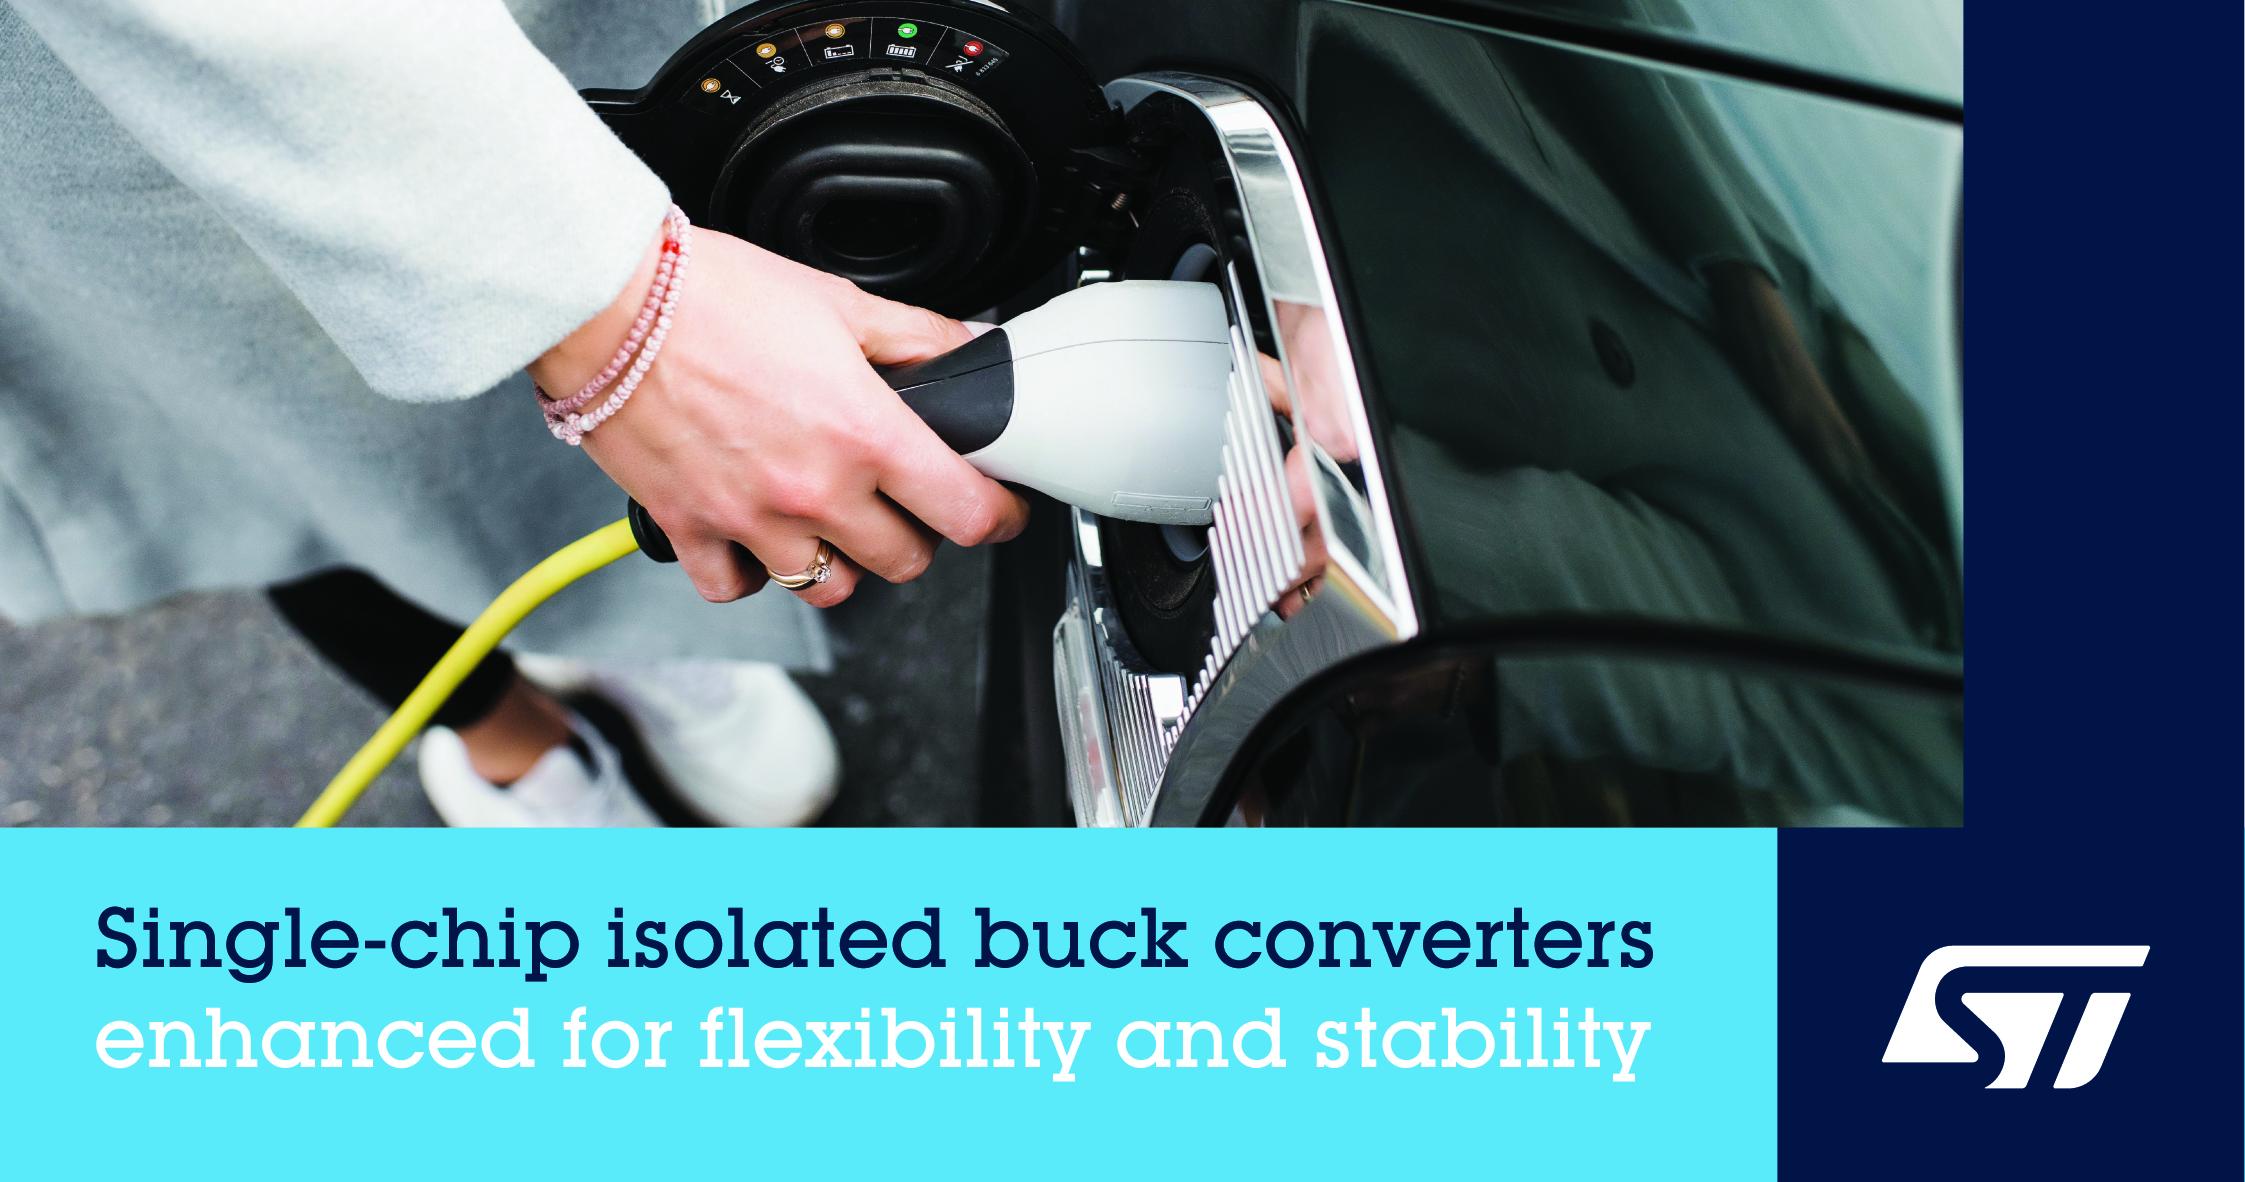 意法半导体推出隔离式降压变换器可降低汽车和工业应用物料清单成本